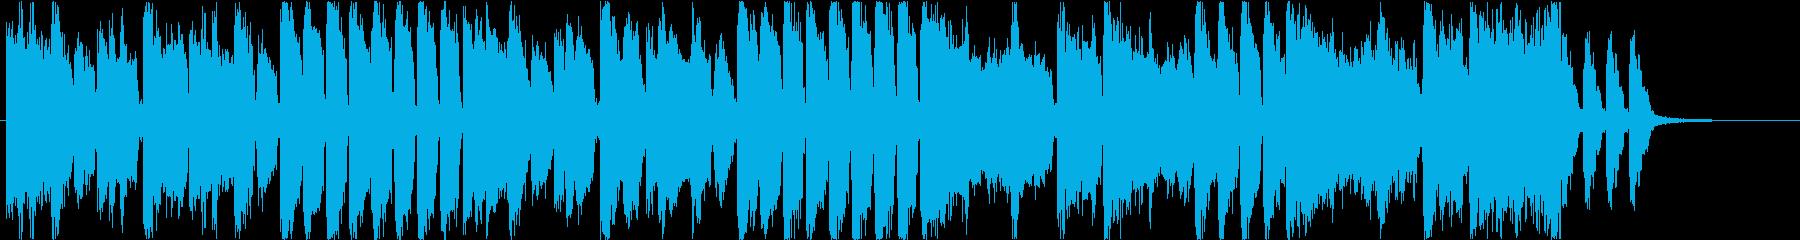 30秒】EDM とにかくハッピー感すごいの再生済みの波形